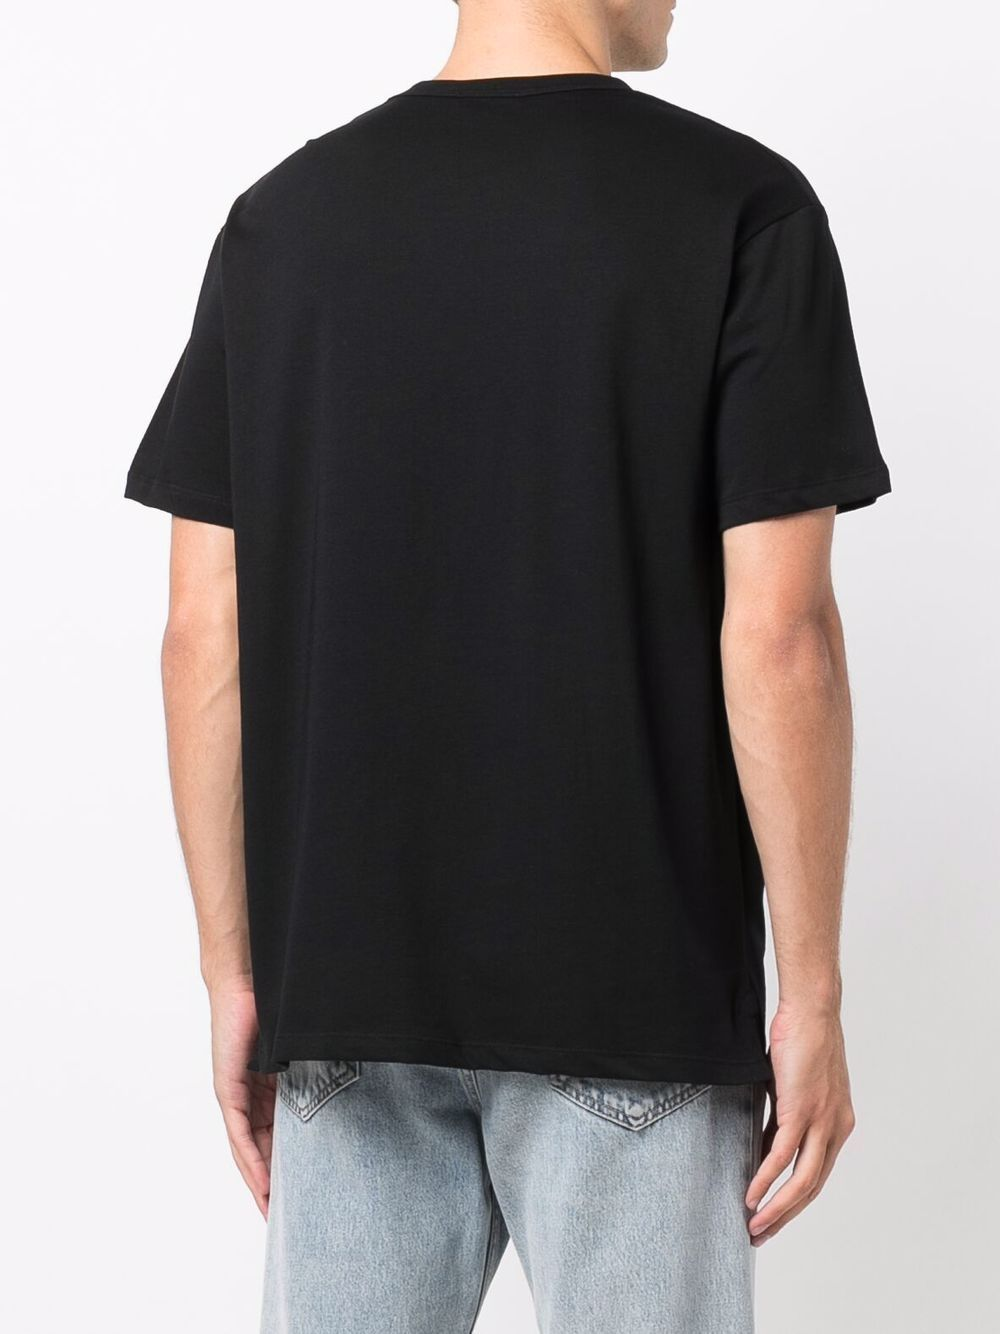 T-shirt in cotone con teschio - Alexander Mcqueen